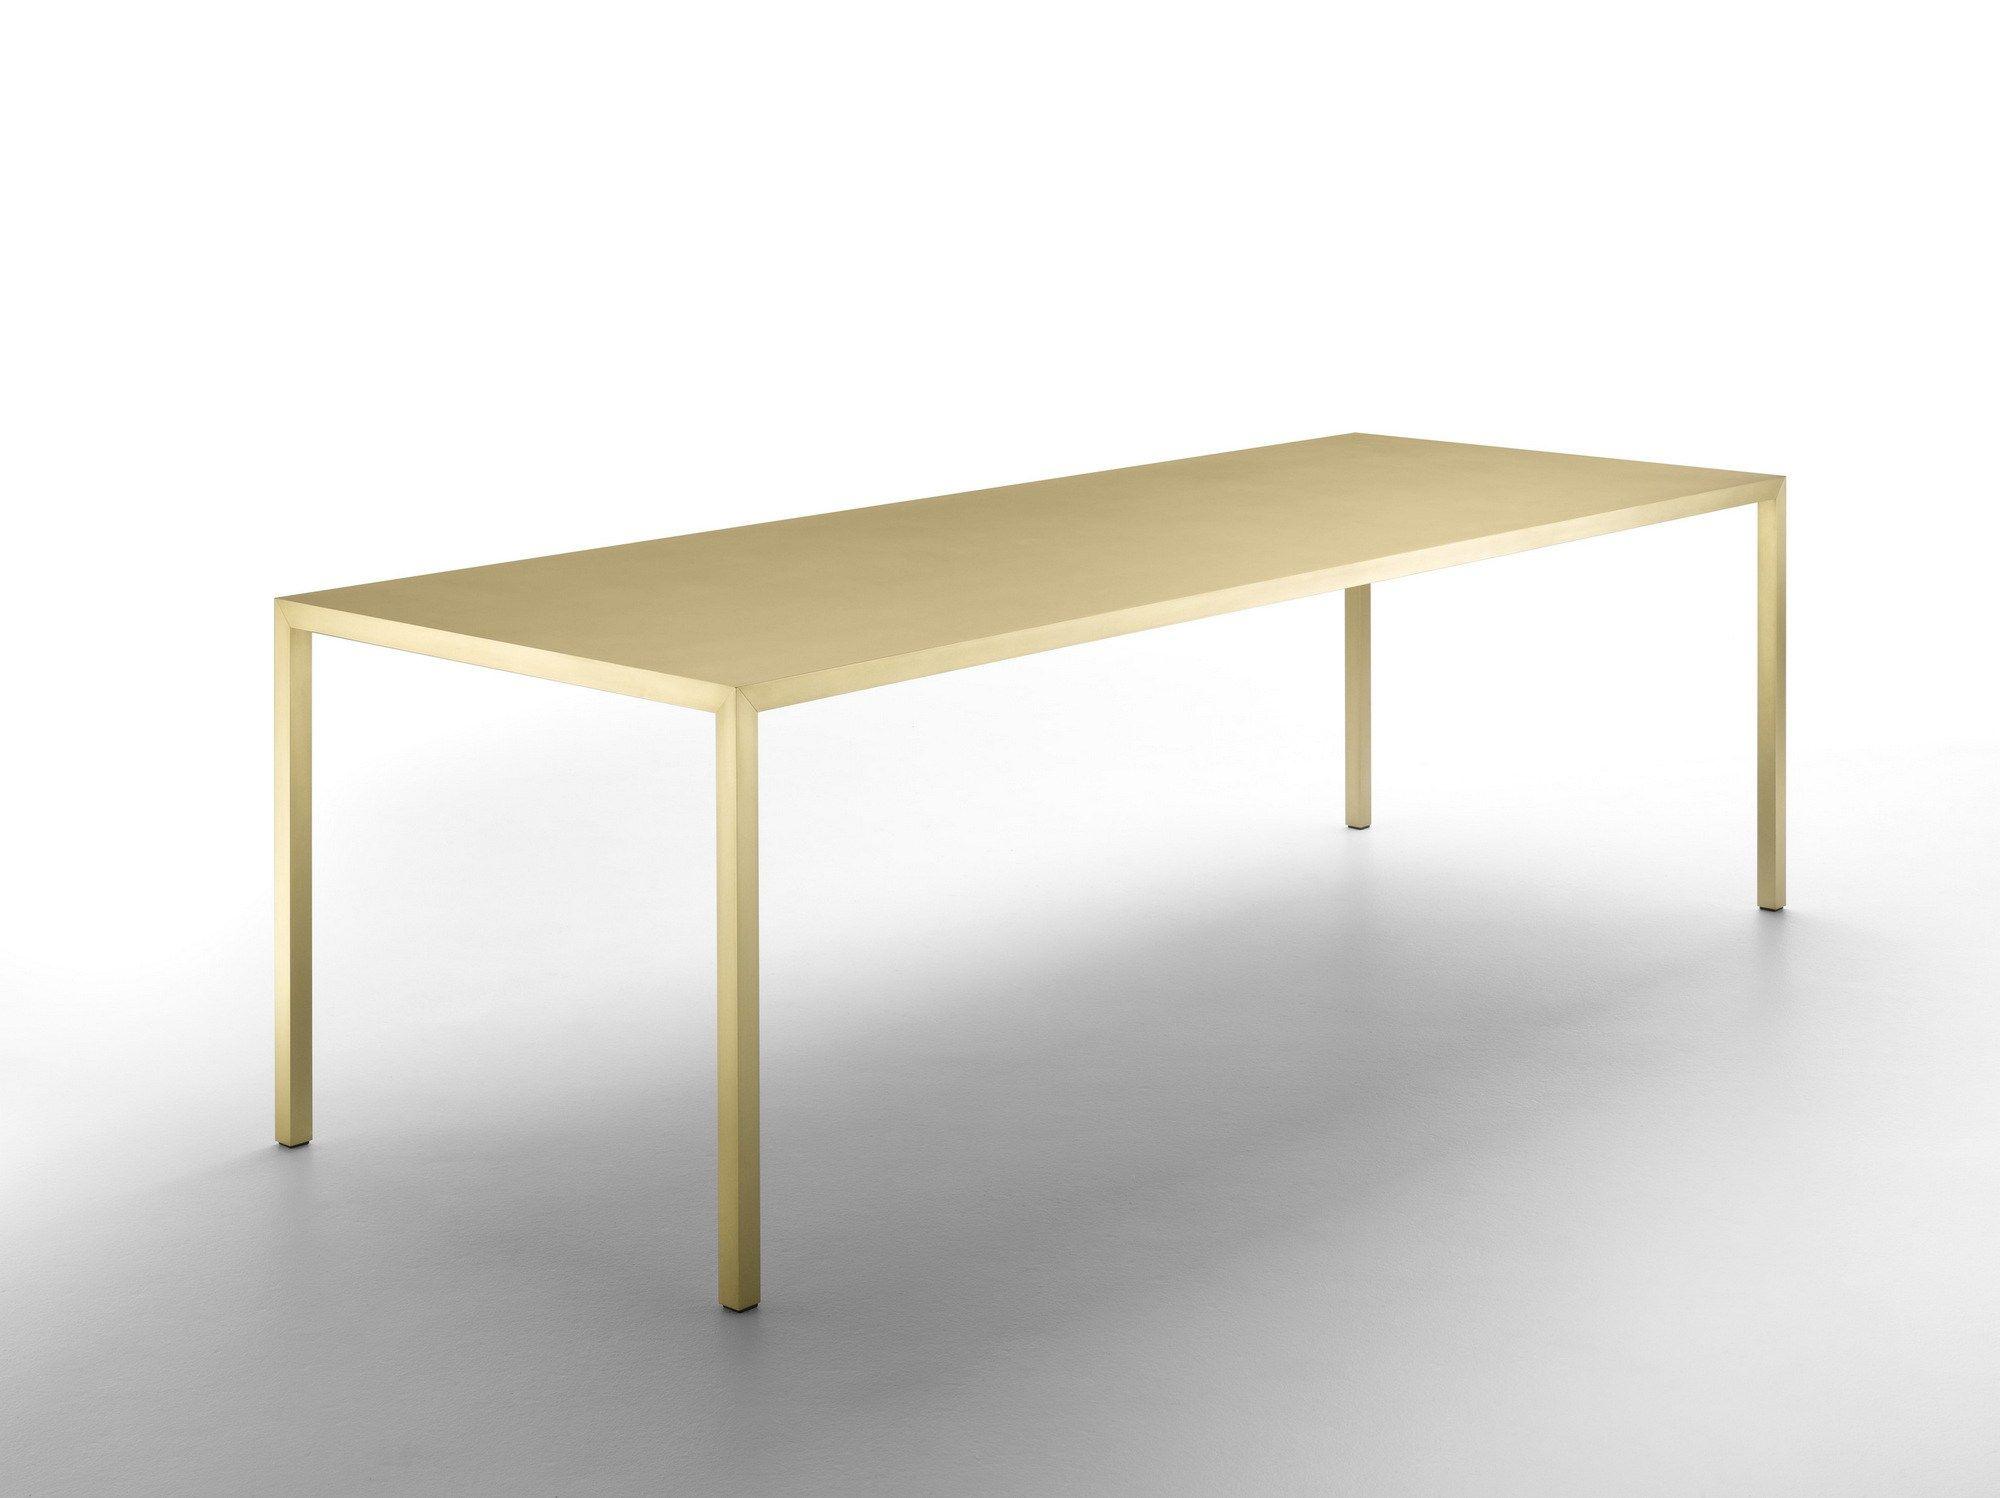 Tavolo In ~ Tense material tavolo in ottone by mdf italia tavolo living